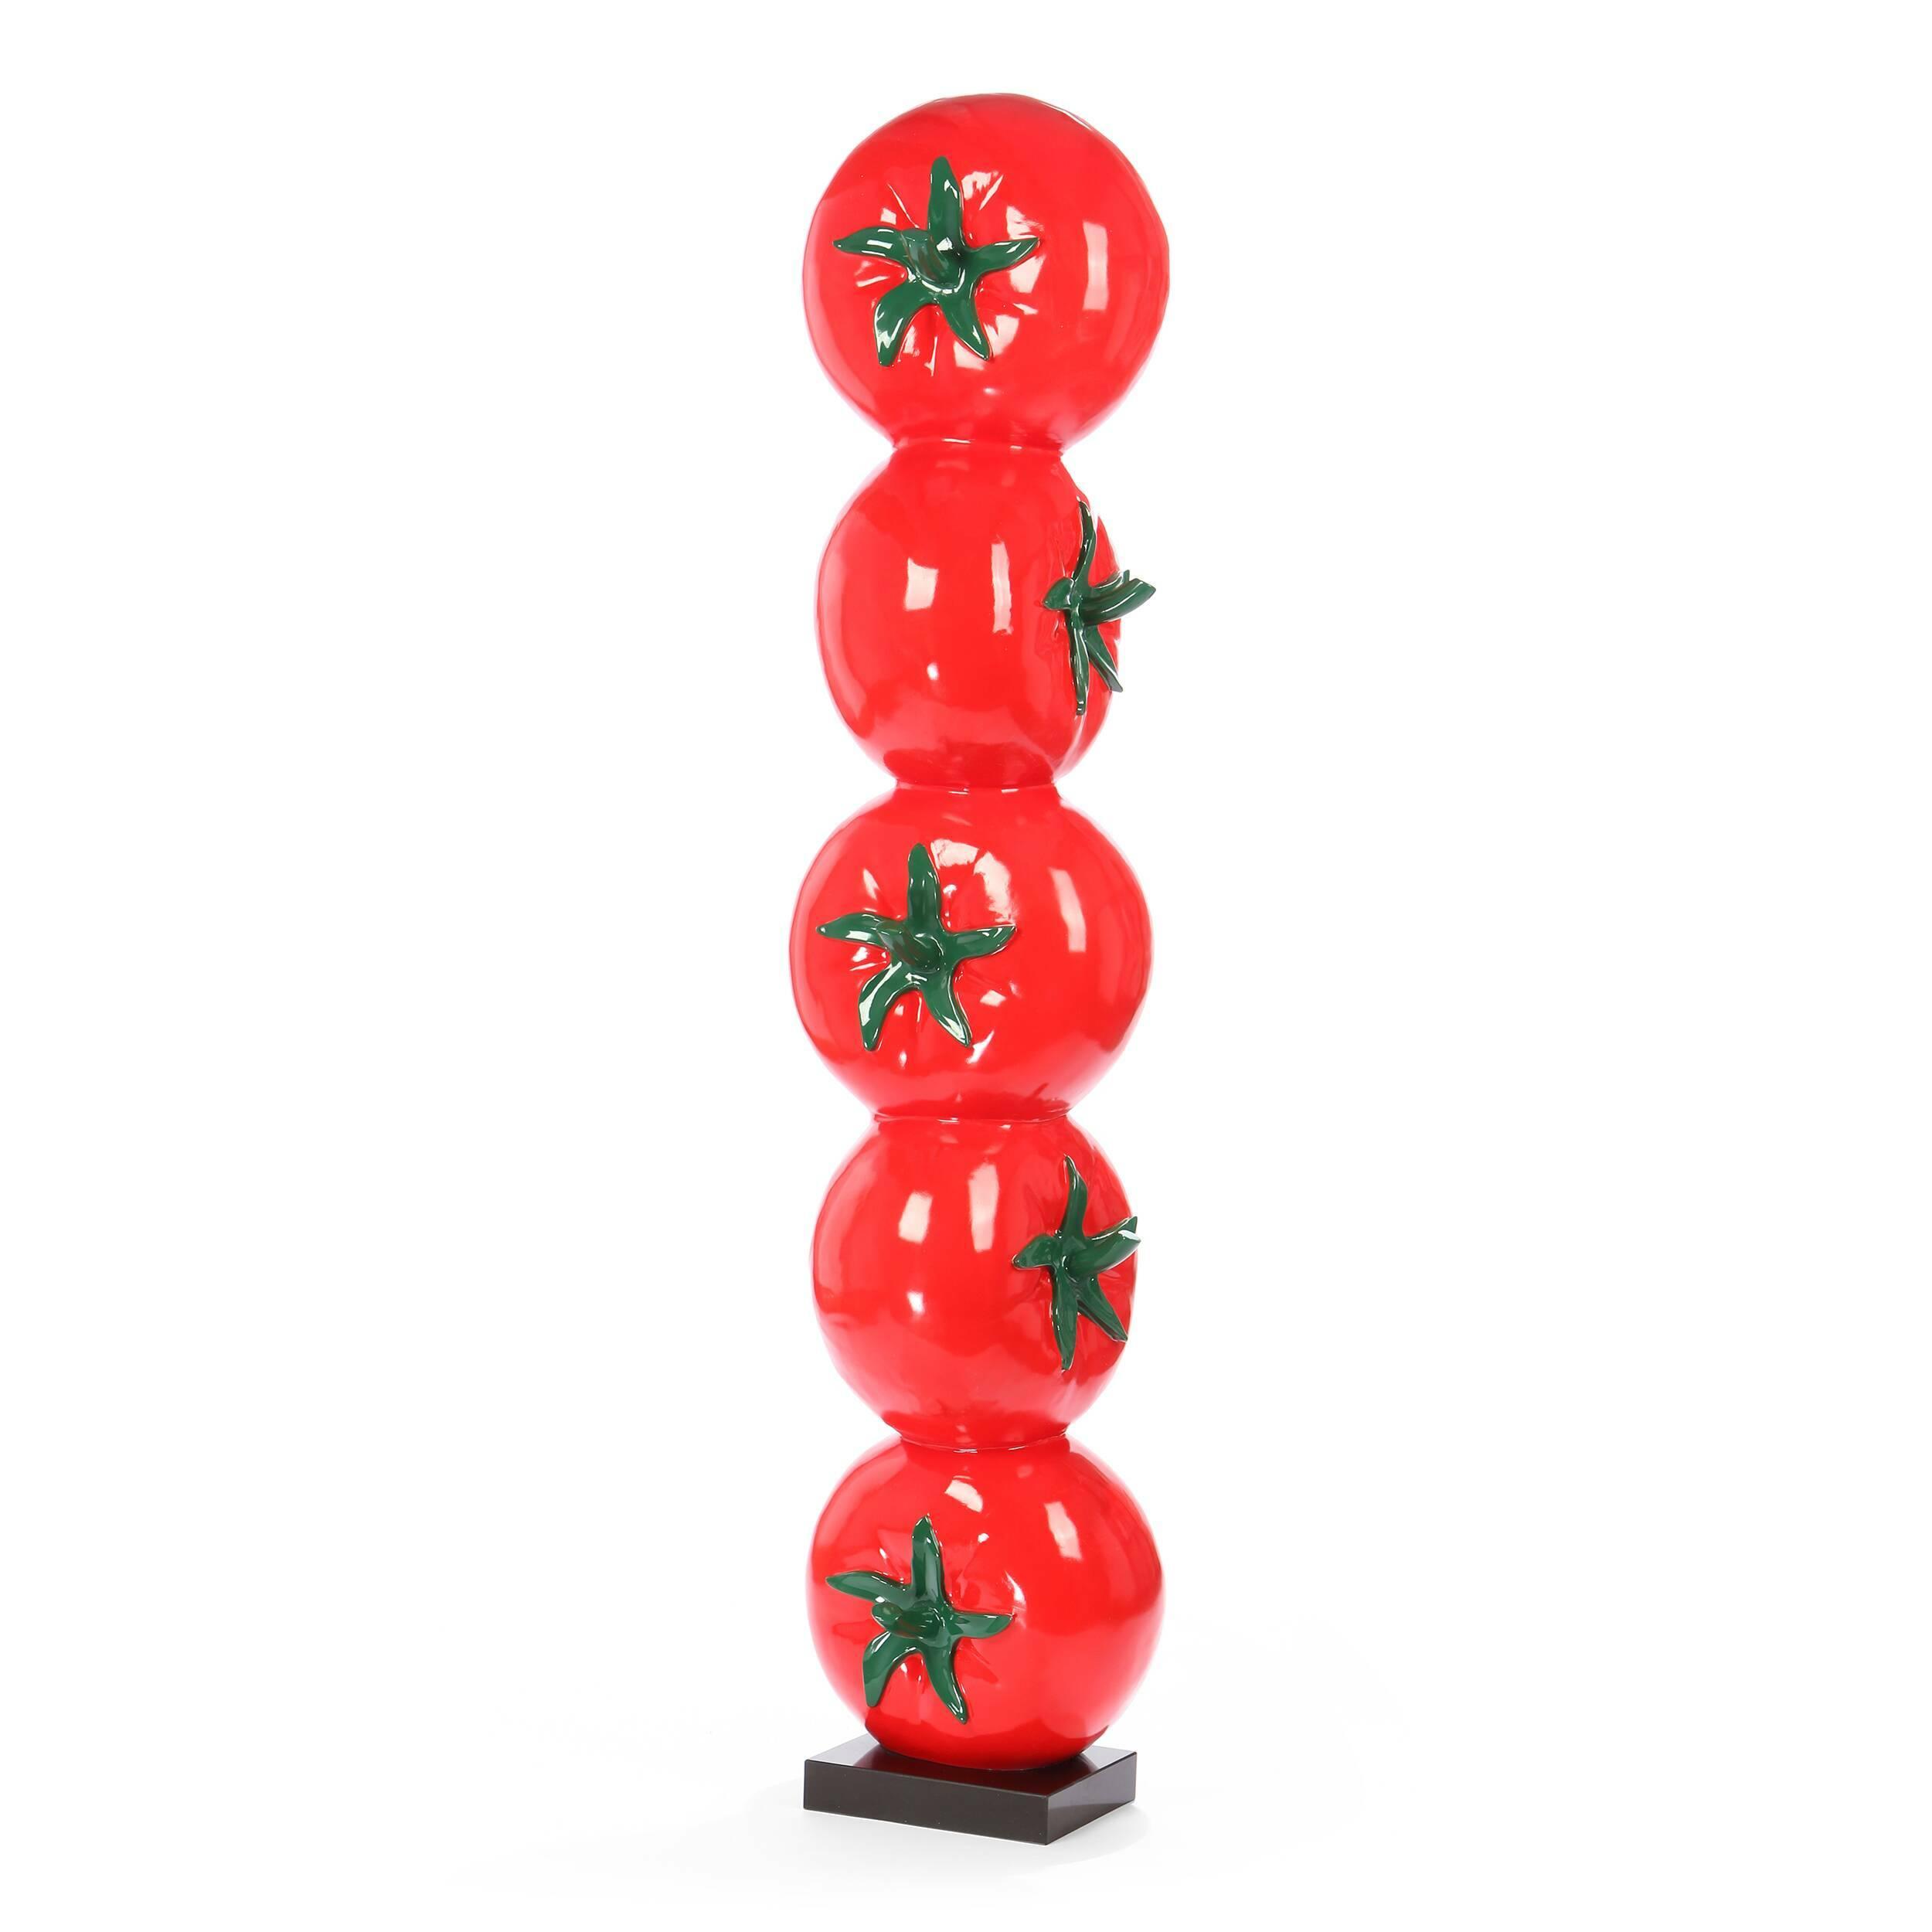 Статуэтка Tomatoes